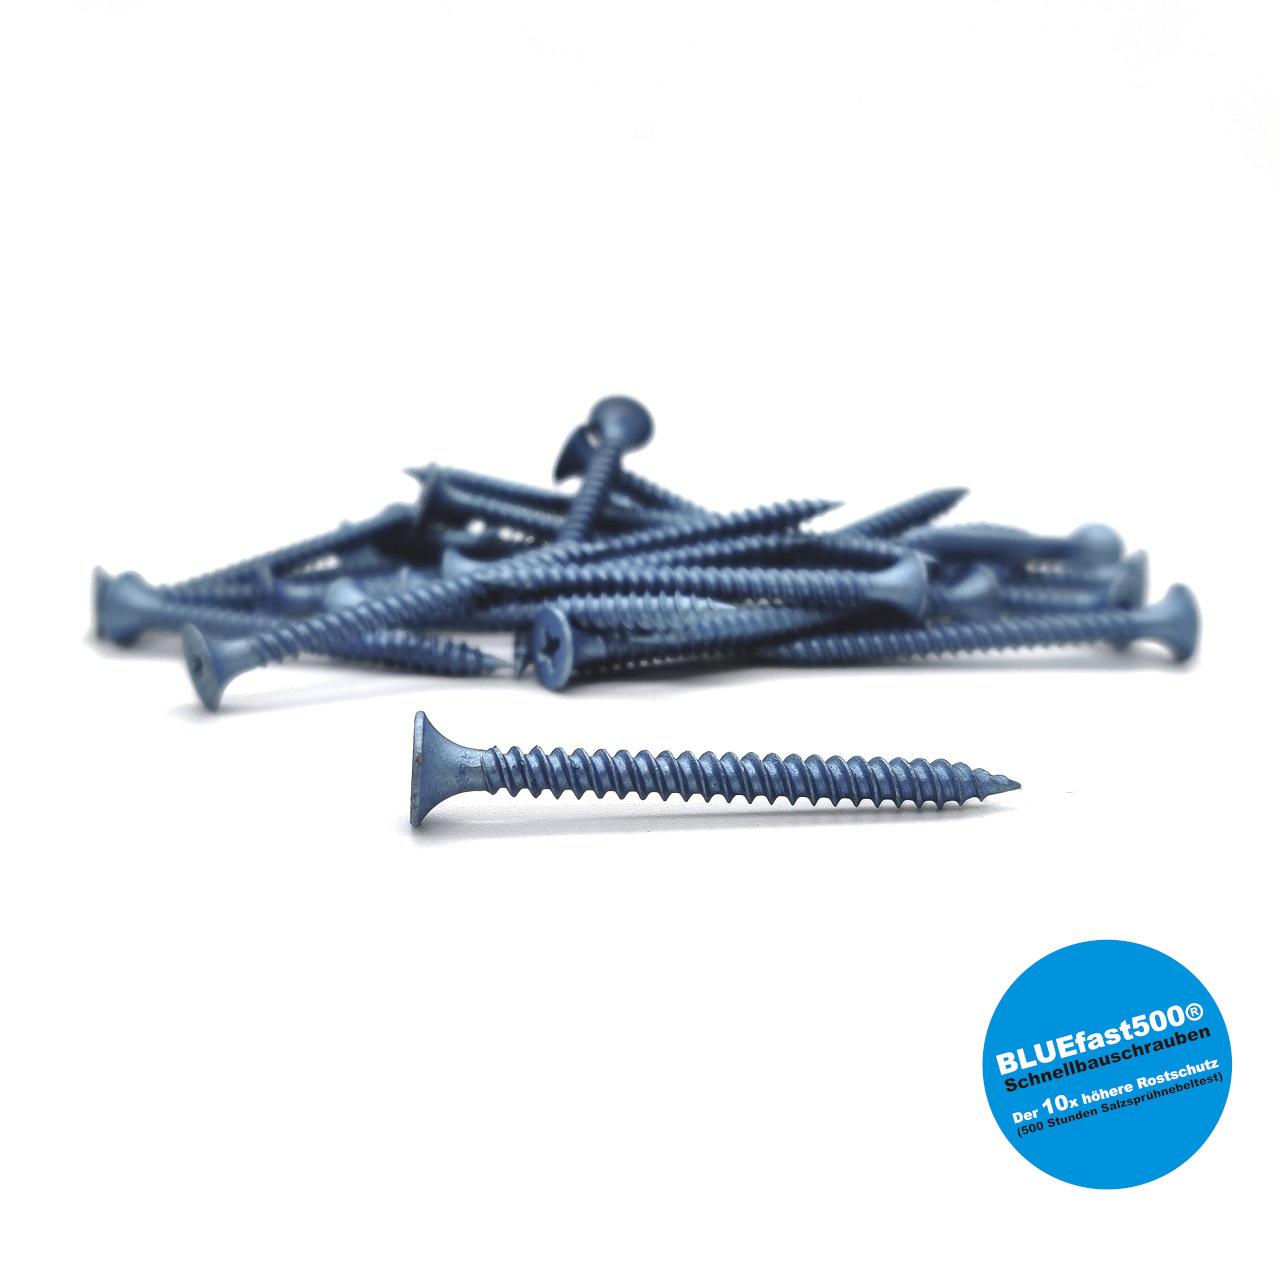 BLUEfast500® Schnellbauschrauben | Feingewinde | 3,9x25 | 1.000 Stk